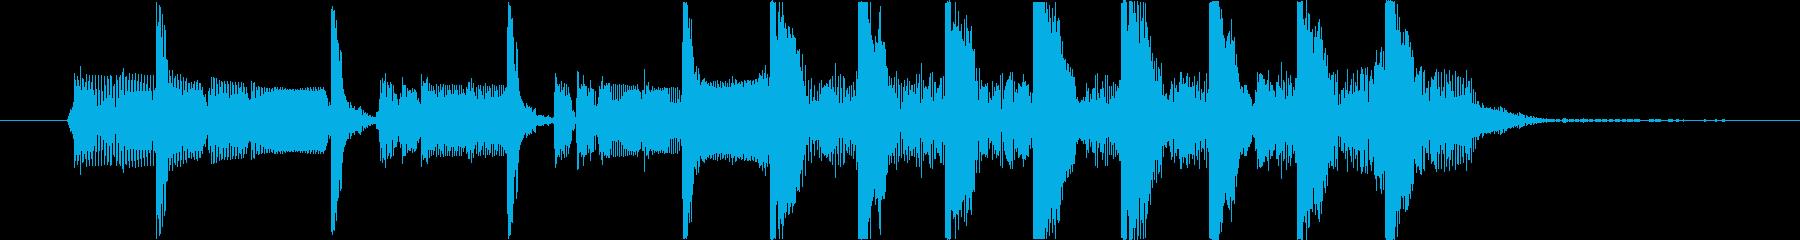 ファンク ゆっくり 魅惑 エピック...の再生済みの波形